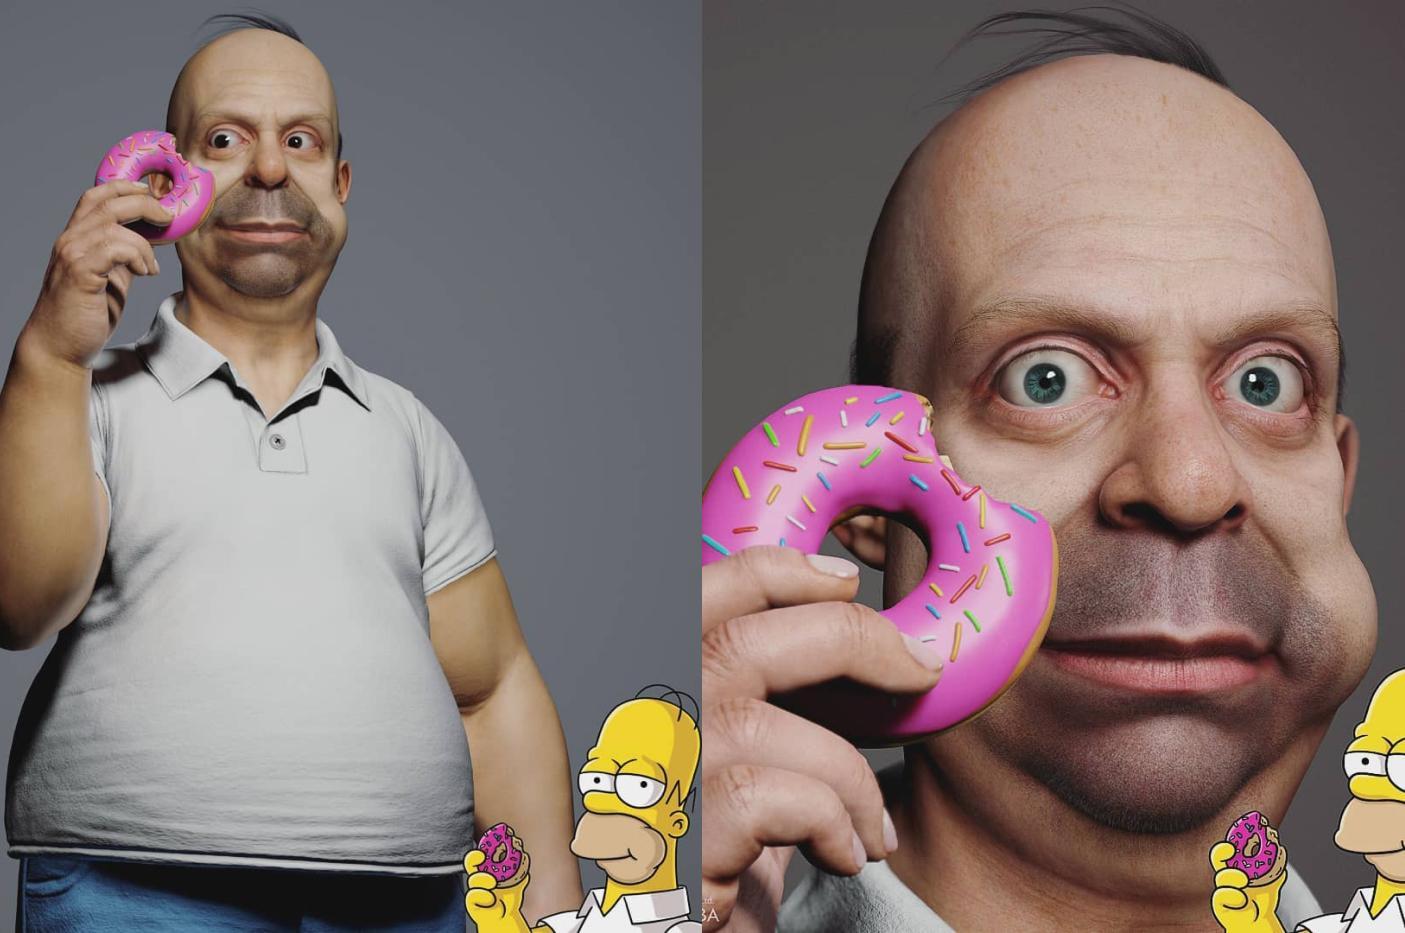 Семью Симпсонов оживили с помощью 3D-моделей 9